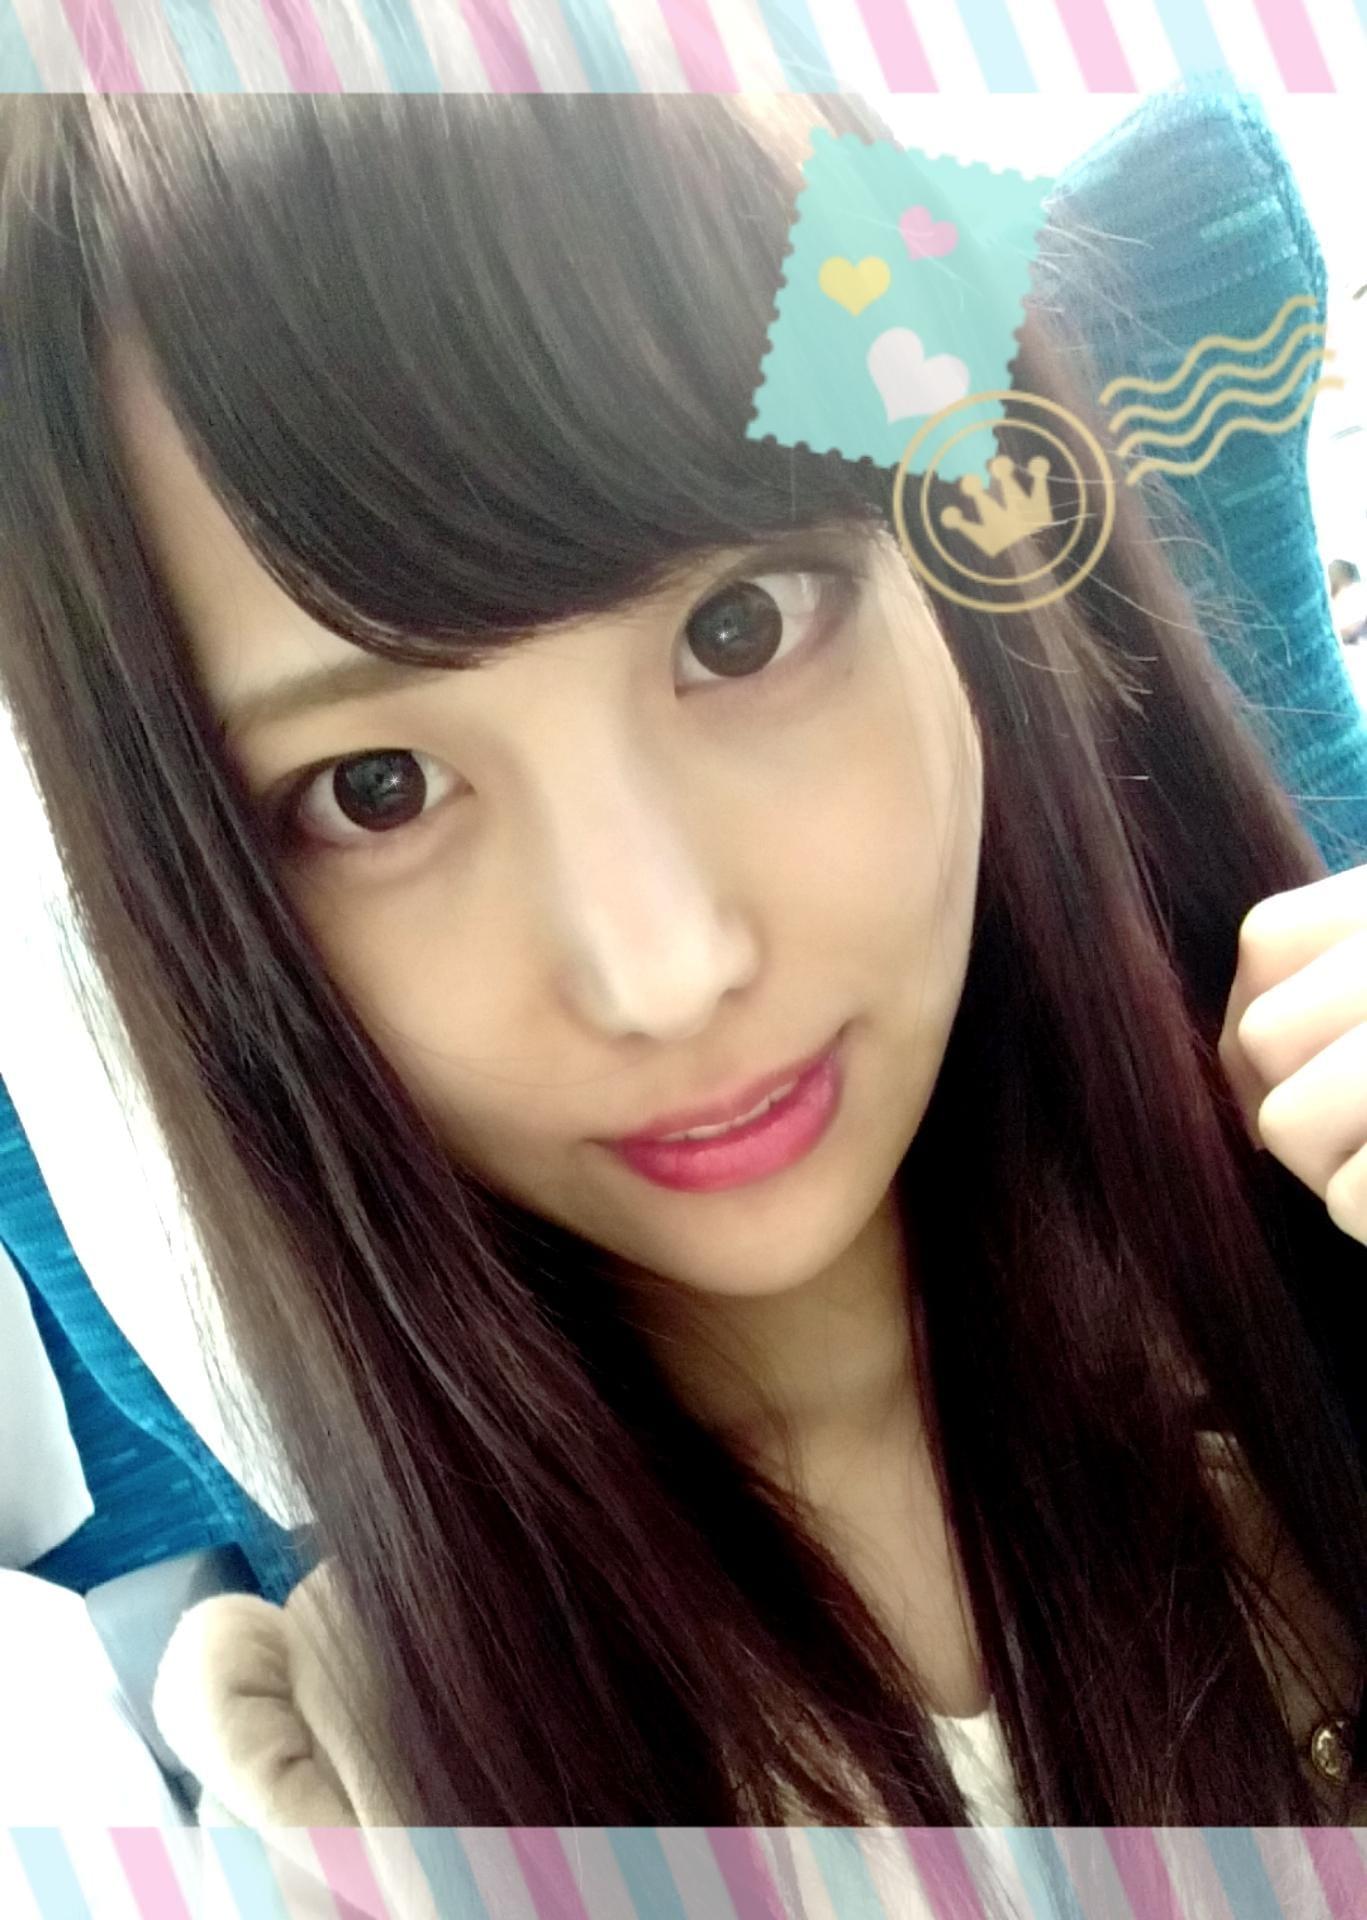 「ただいま?東京?」12/07(12/07) 14:22 | 梨里花(りりか)の写メ・風俗動画